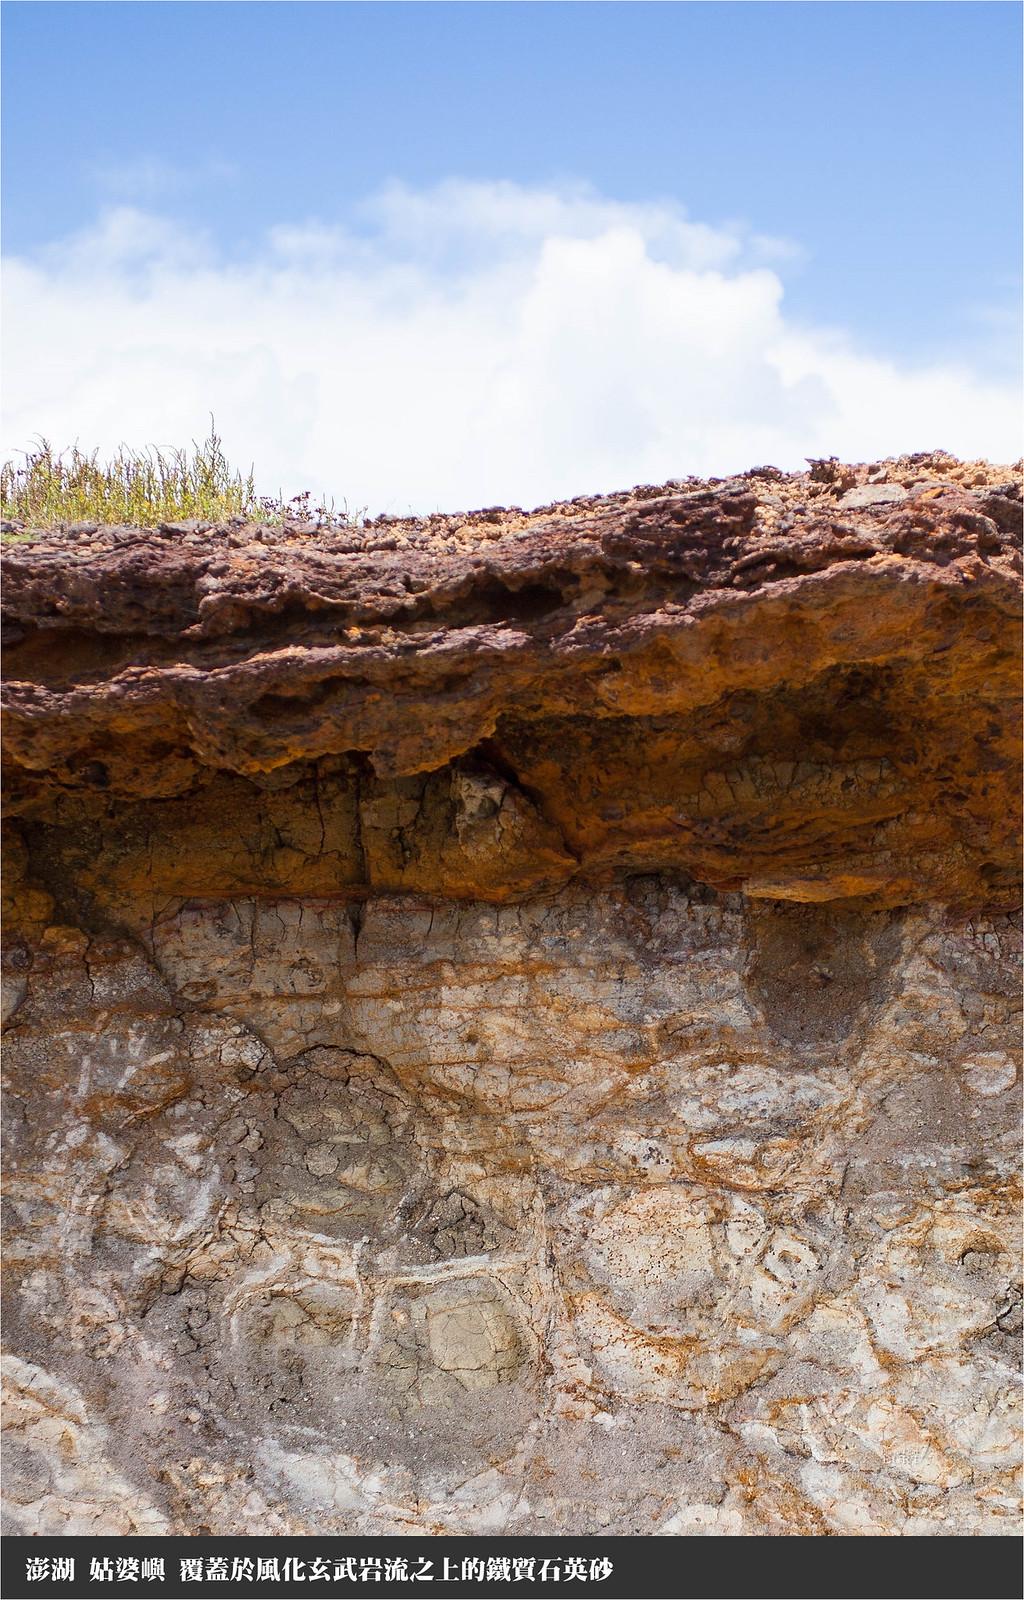 姑婆嶼 分布於風化玄武岩流之上的鐵質石英砂層